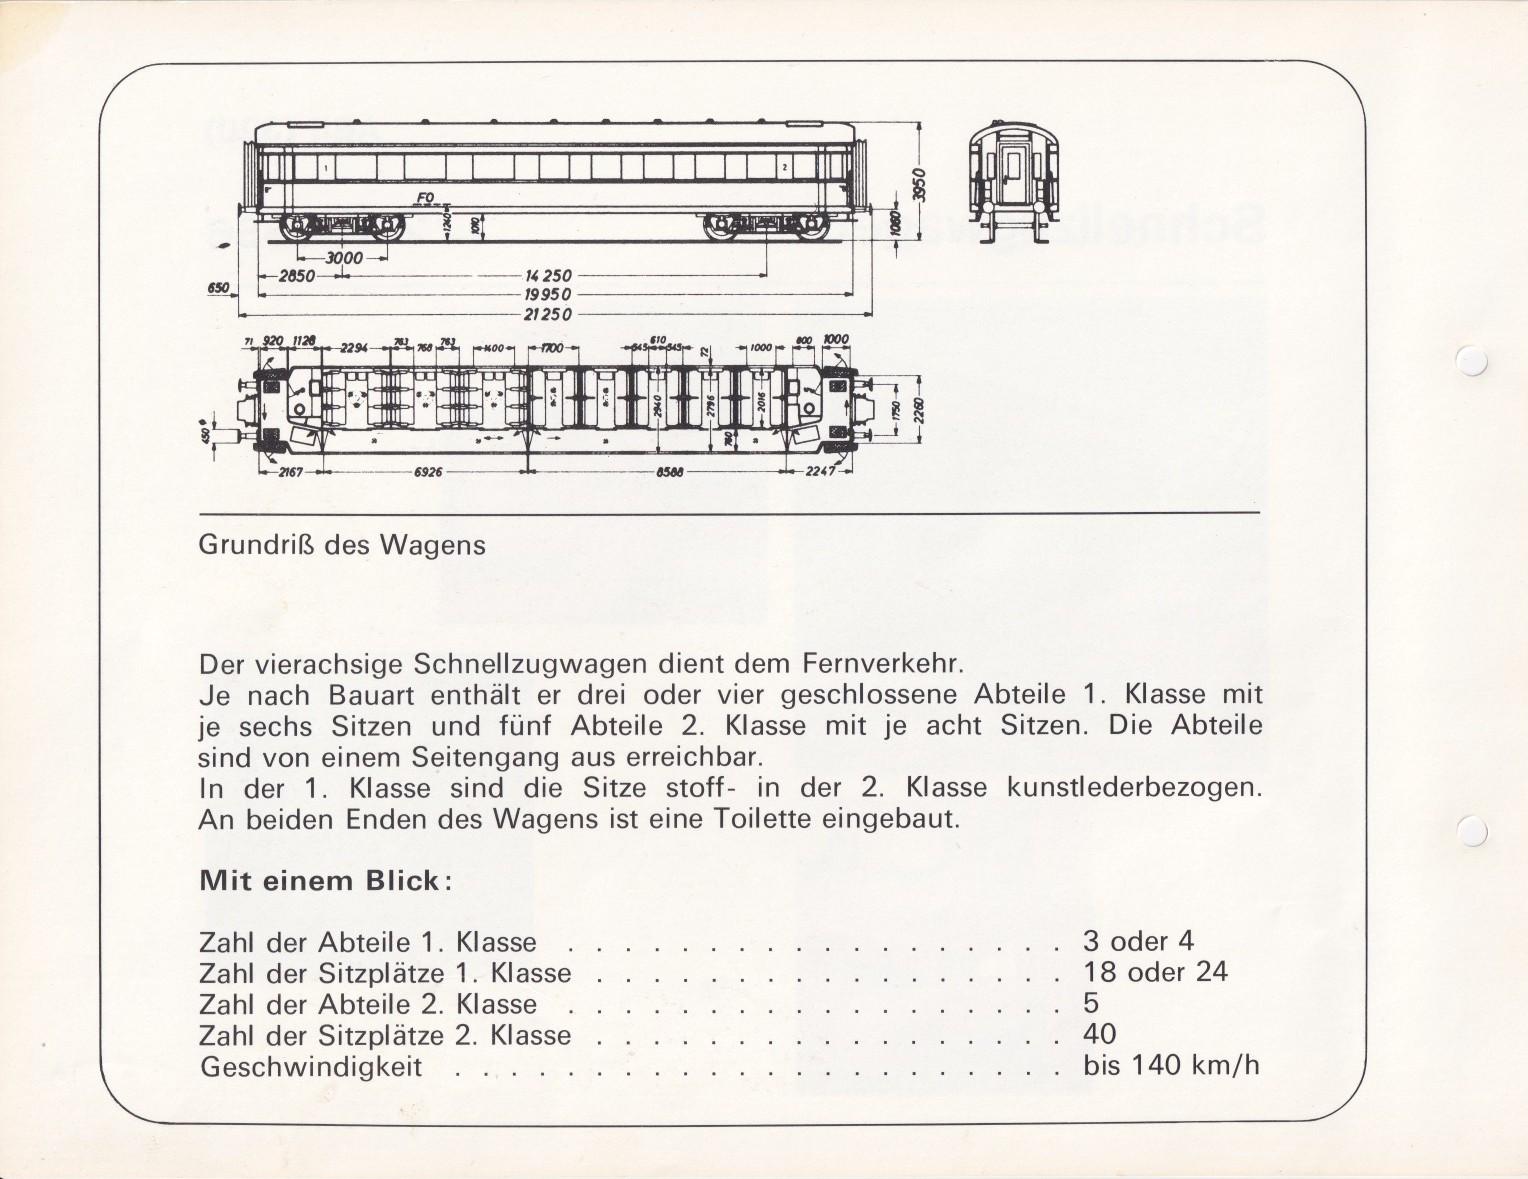 https://www.nullclub.de/hifo/Fahrzeuglexikon/Wagen14b.jpg